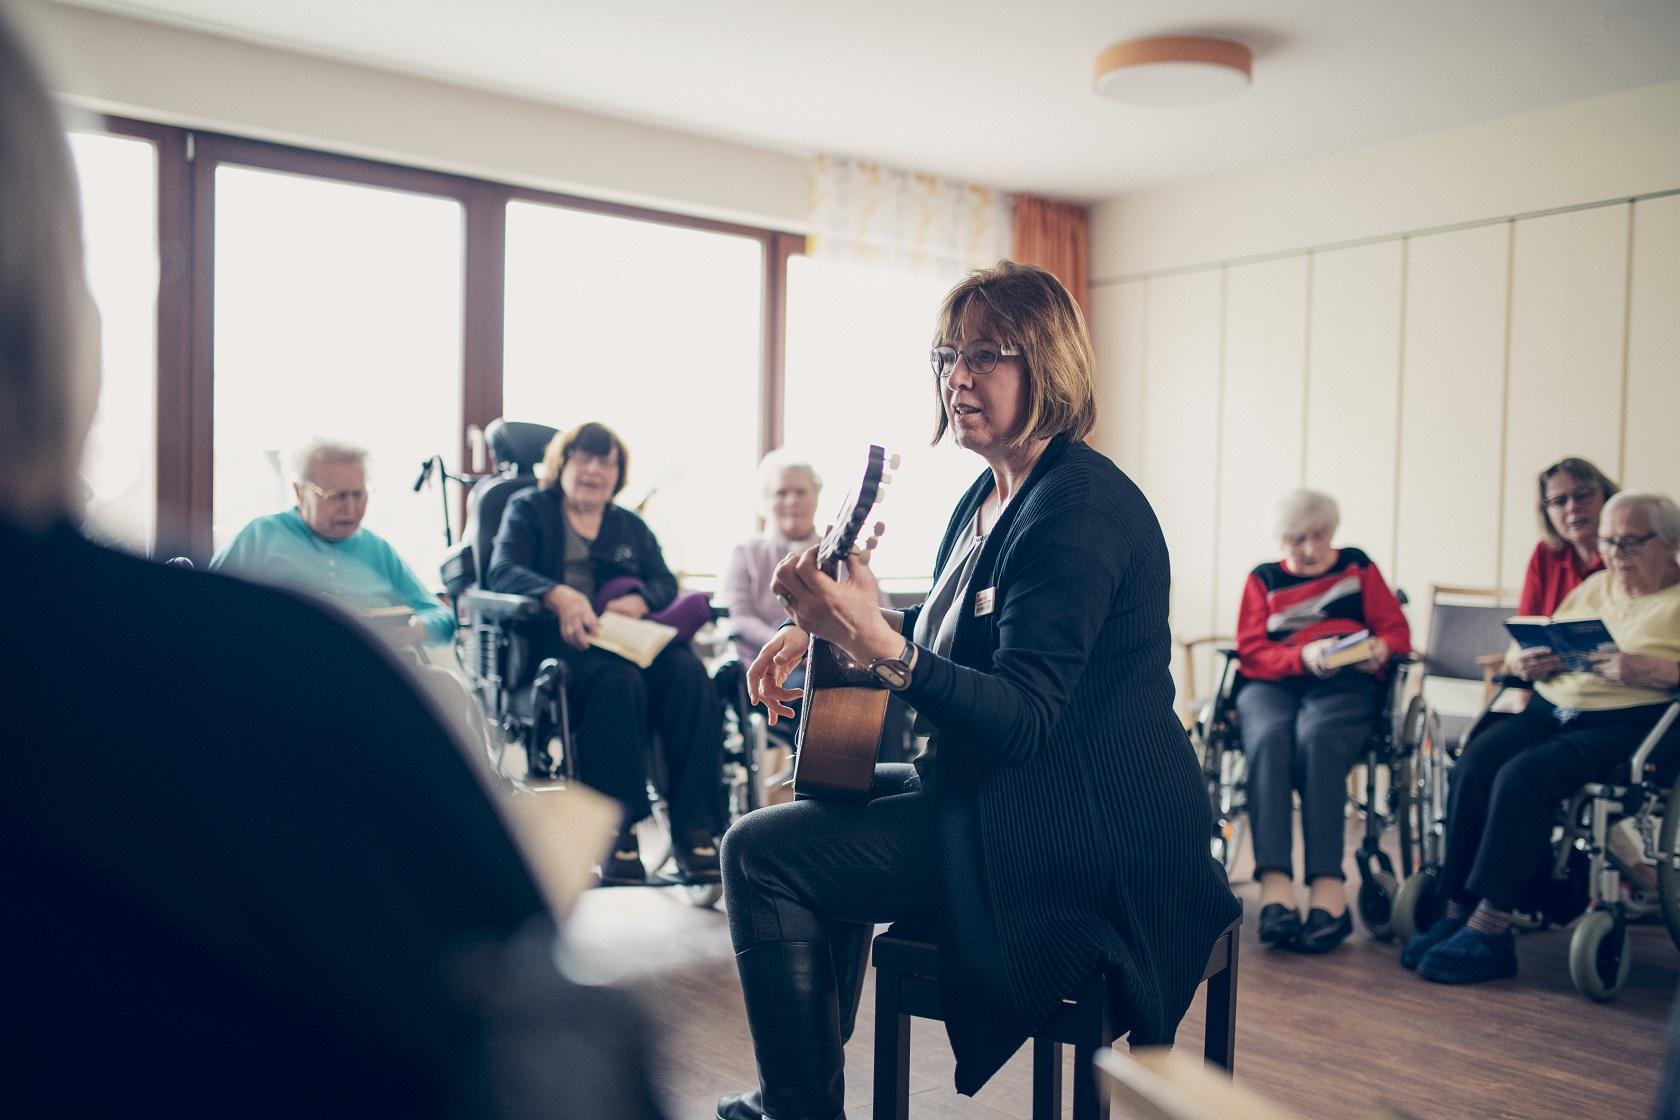 Eine Mitarbeiterin spielt Gitarre und singt mit den Bewohnern